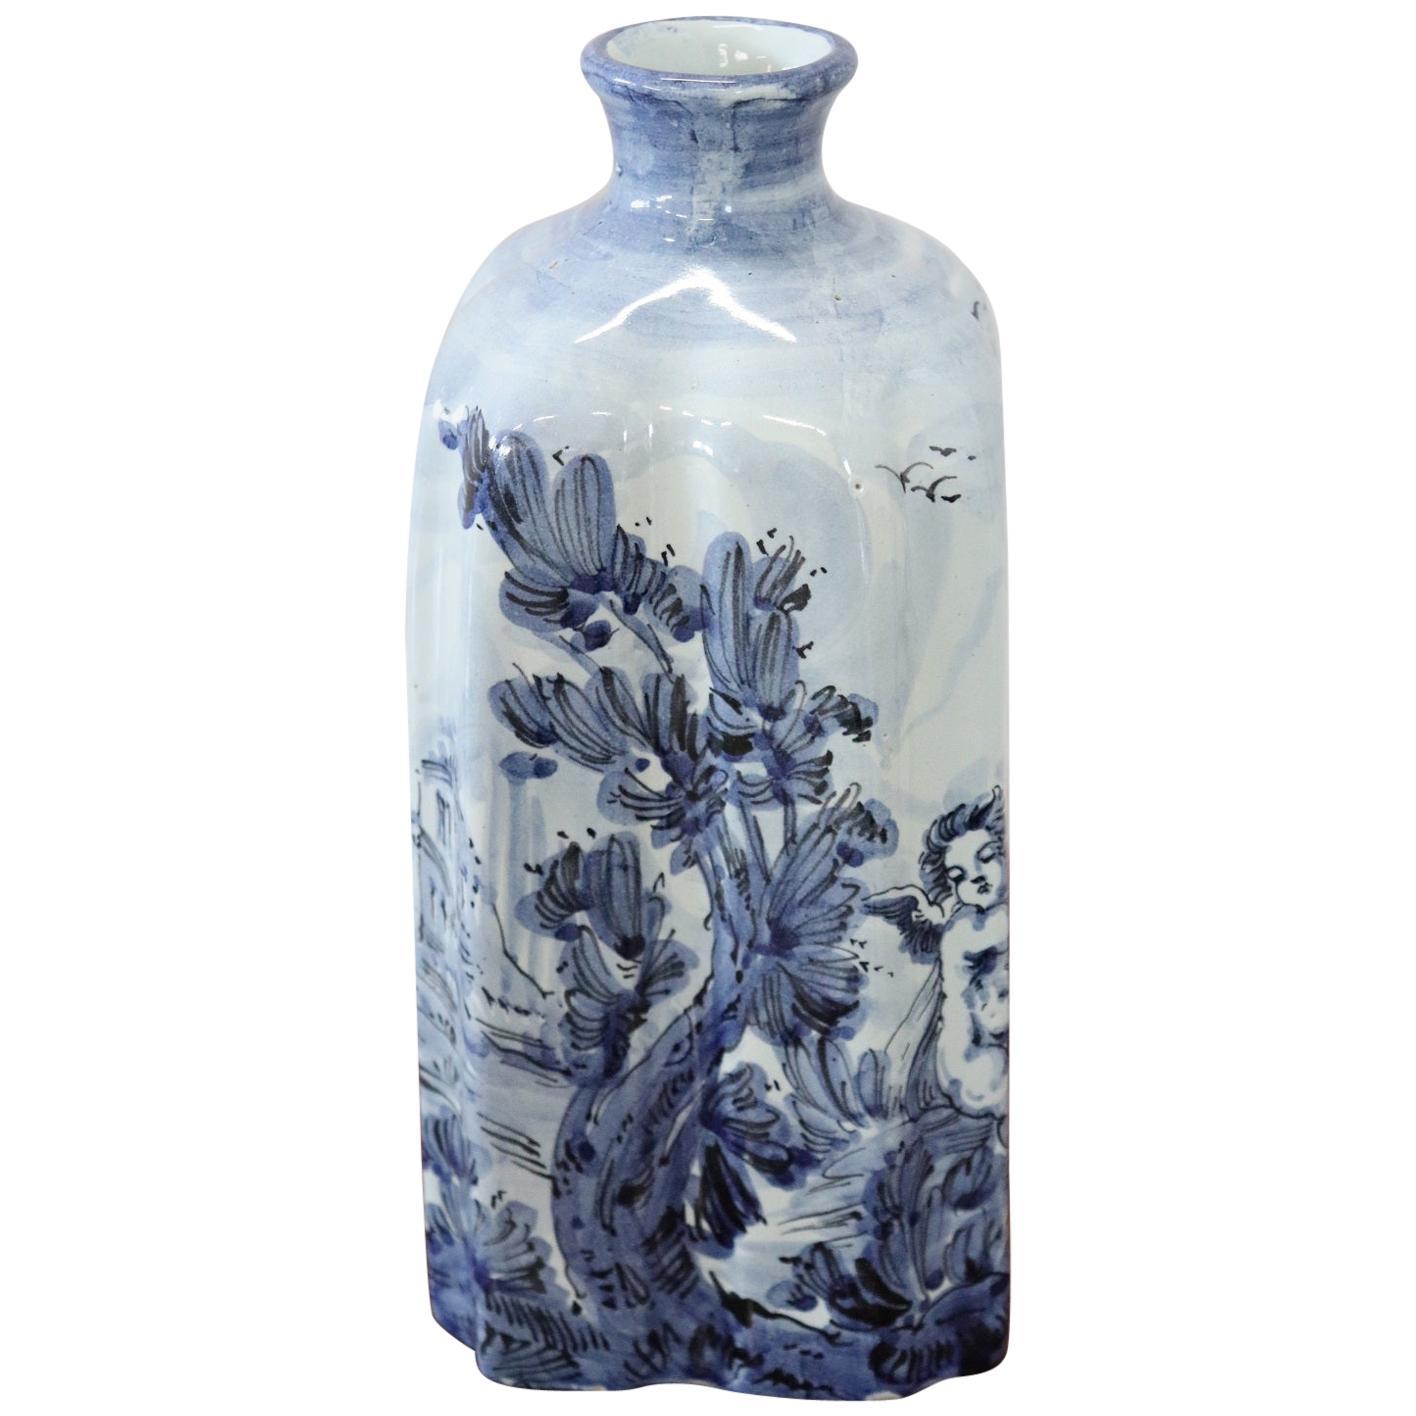 20th Century Italian Ceramic Vase